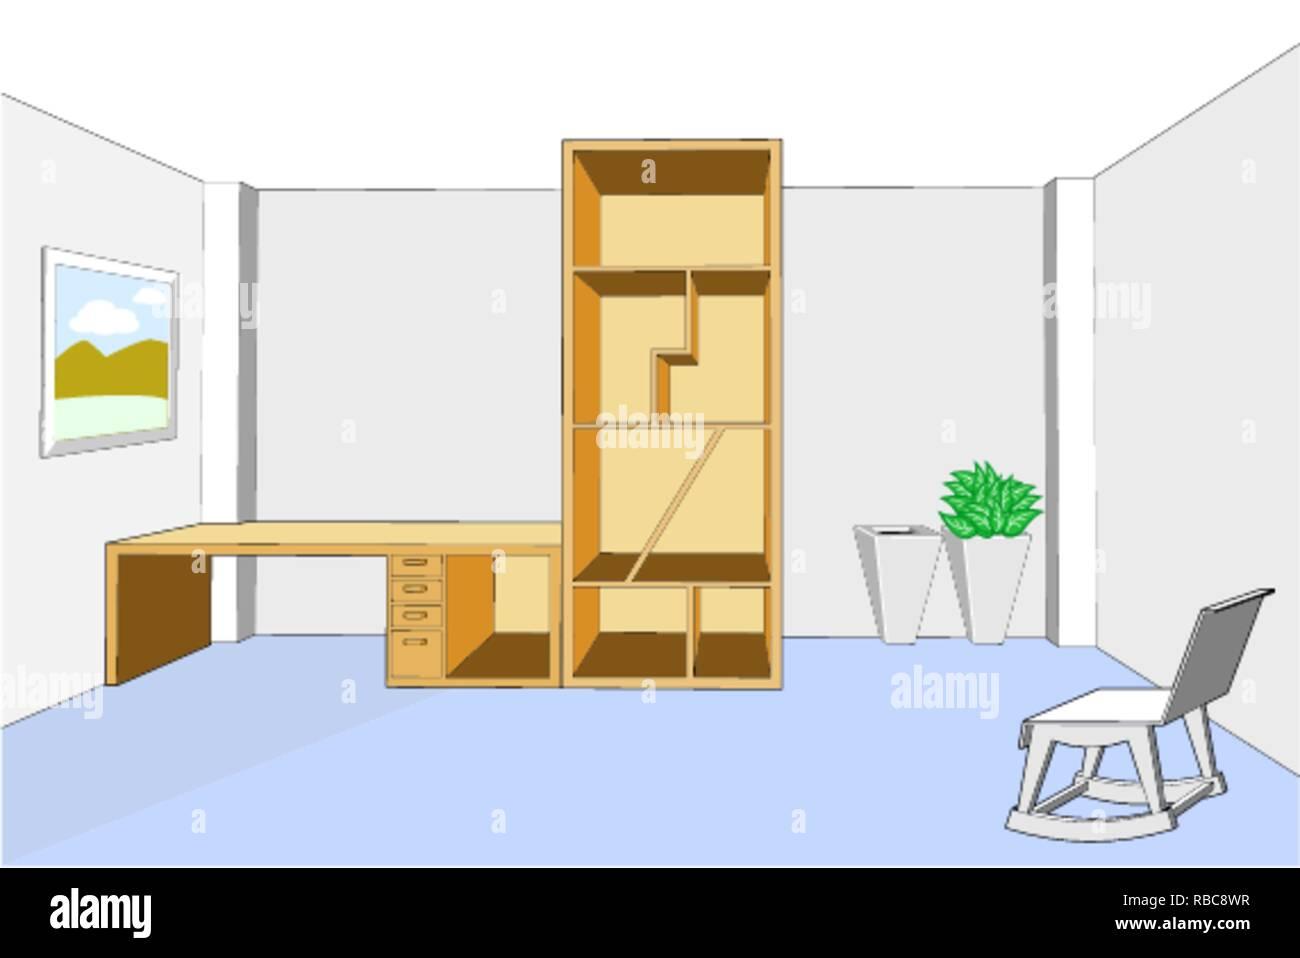 Innenausstattung Schlafzimmer Design Mit Mobel Bett